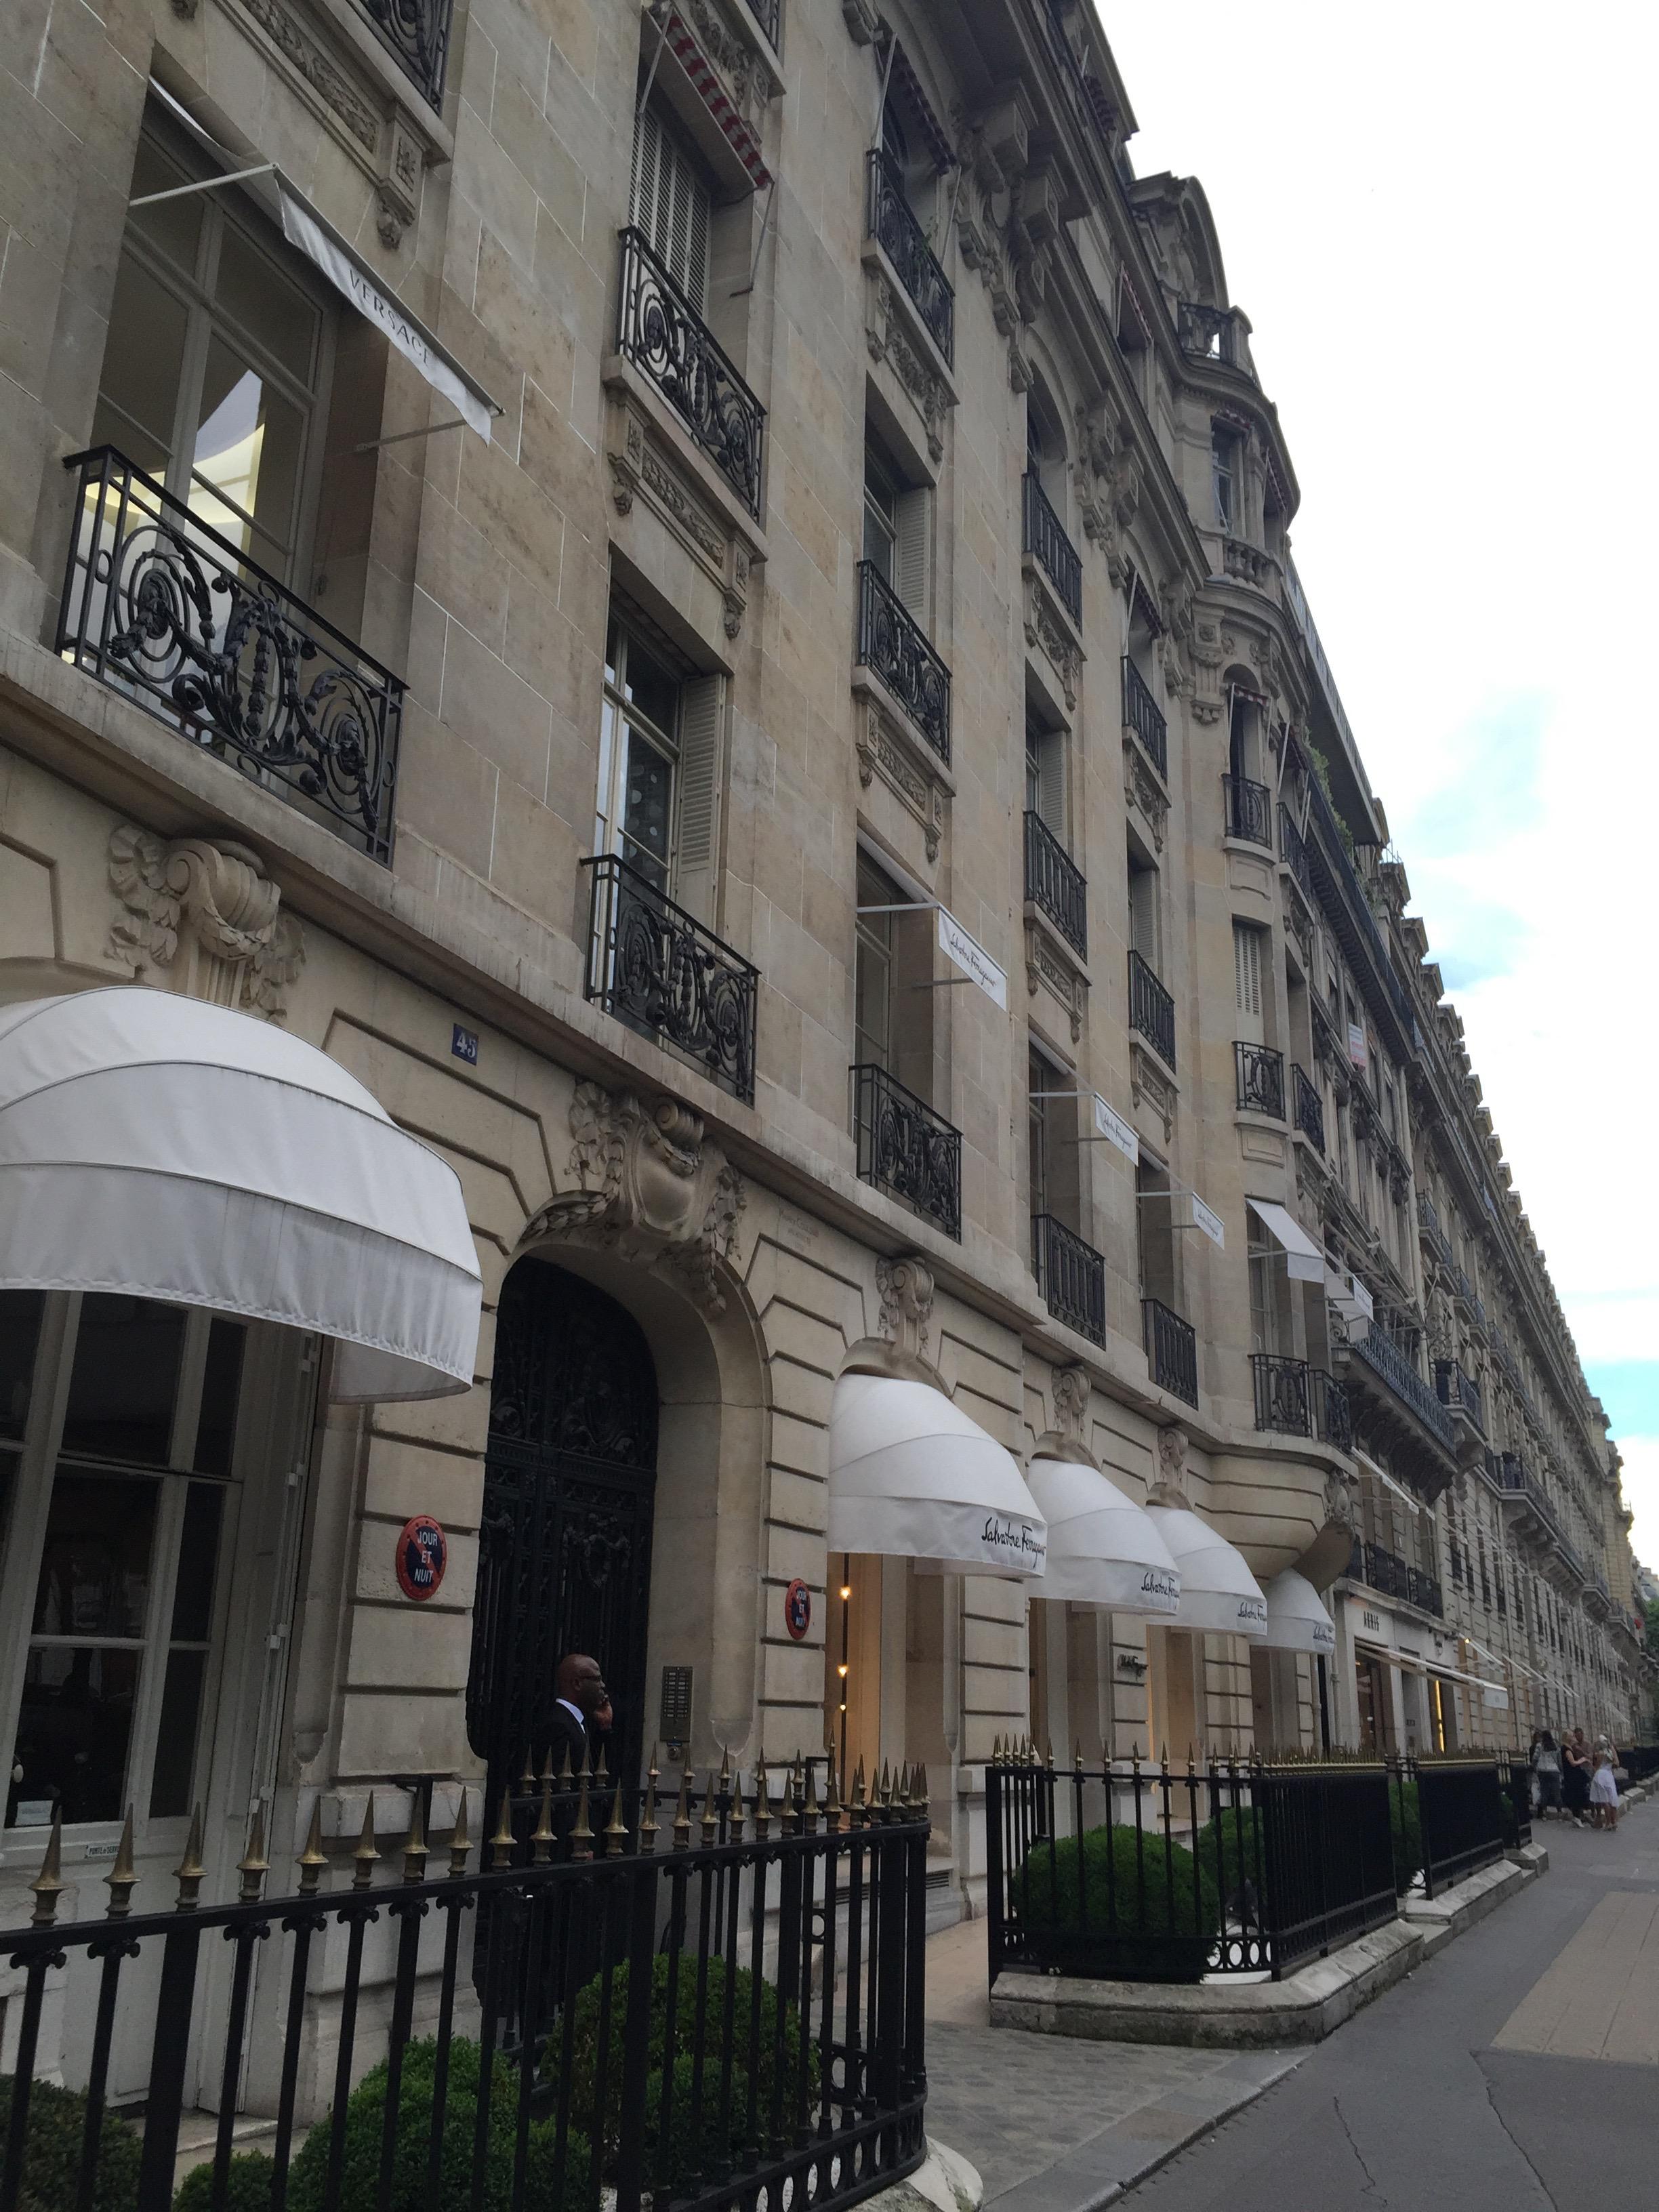 MON MODE, Fashion Blogger, Paris, Things To Do, Montagine, Must Visit Spots in Paris